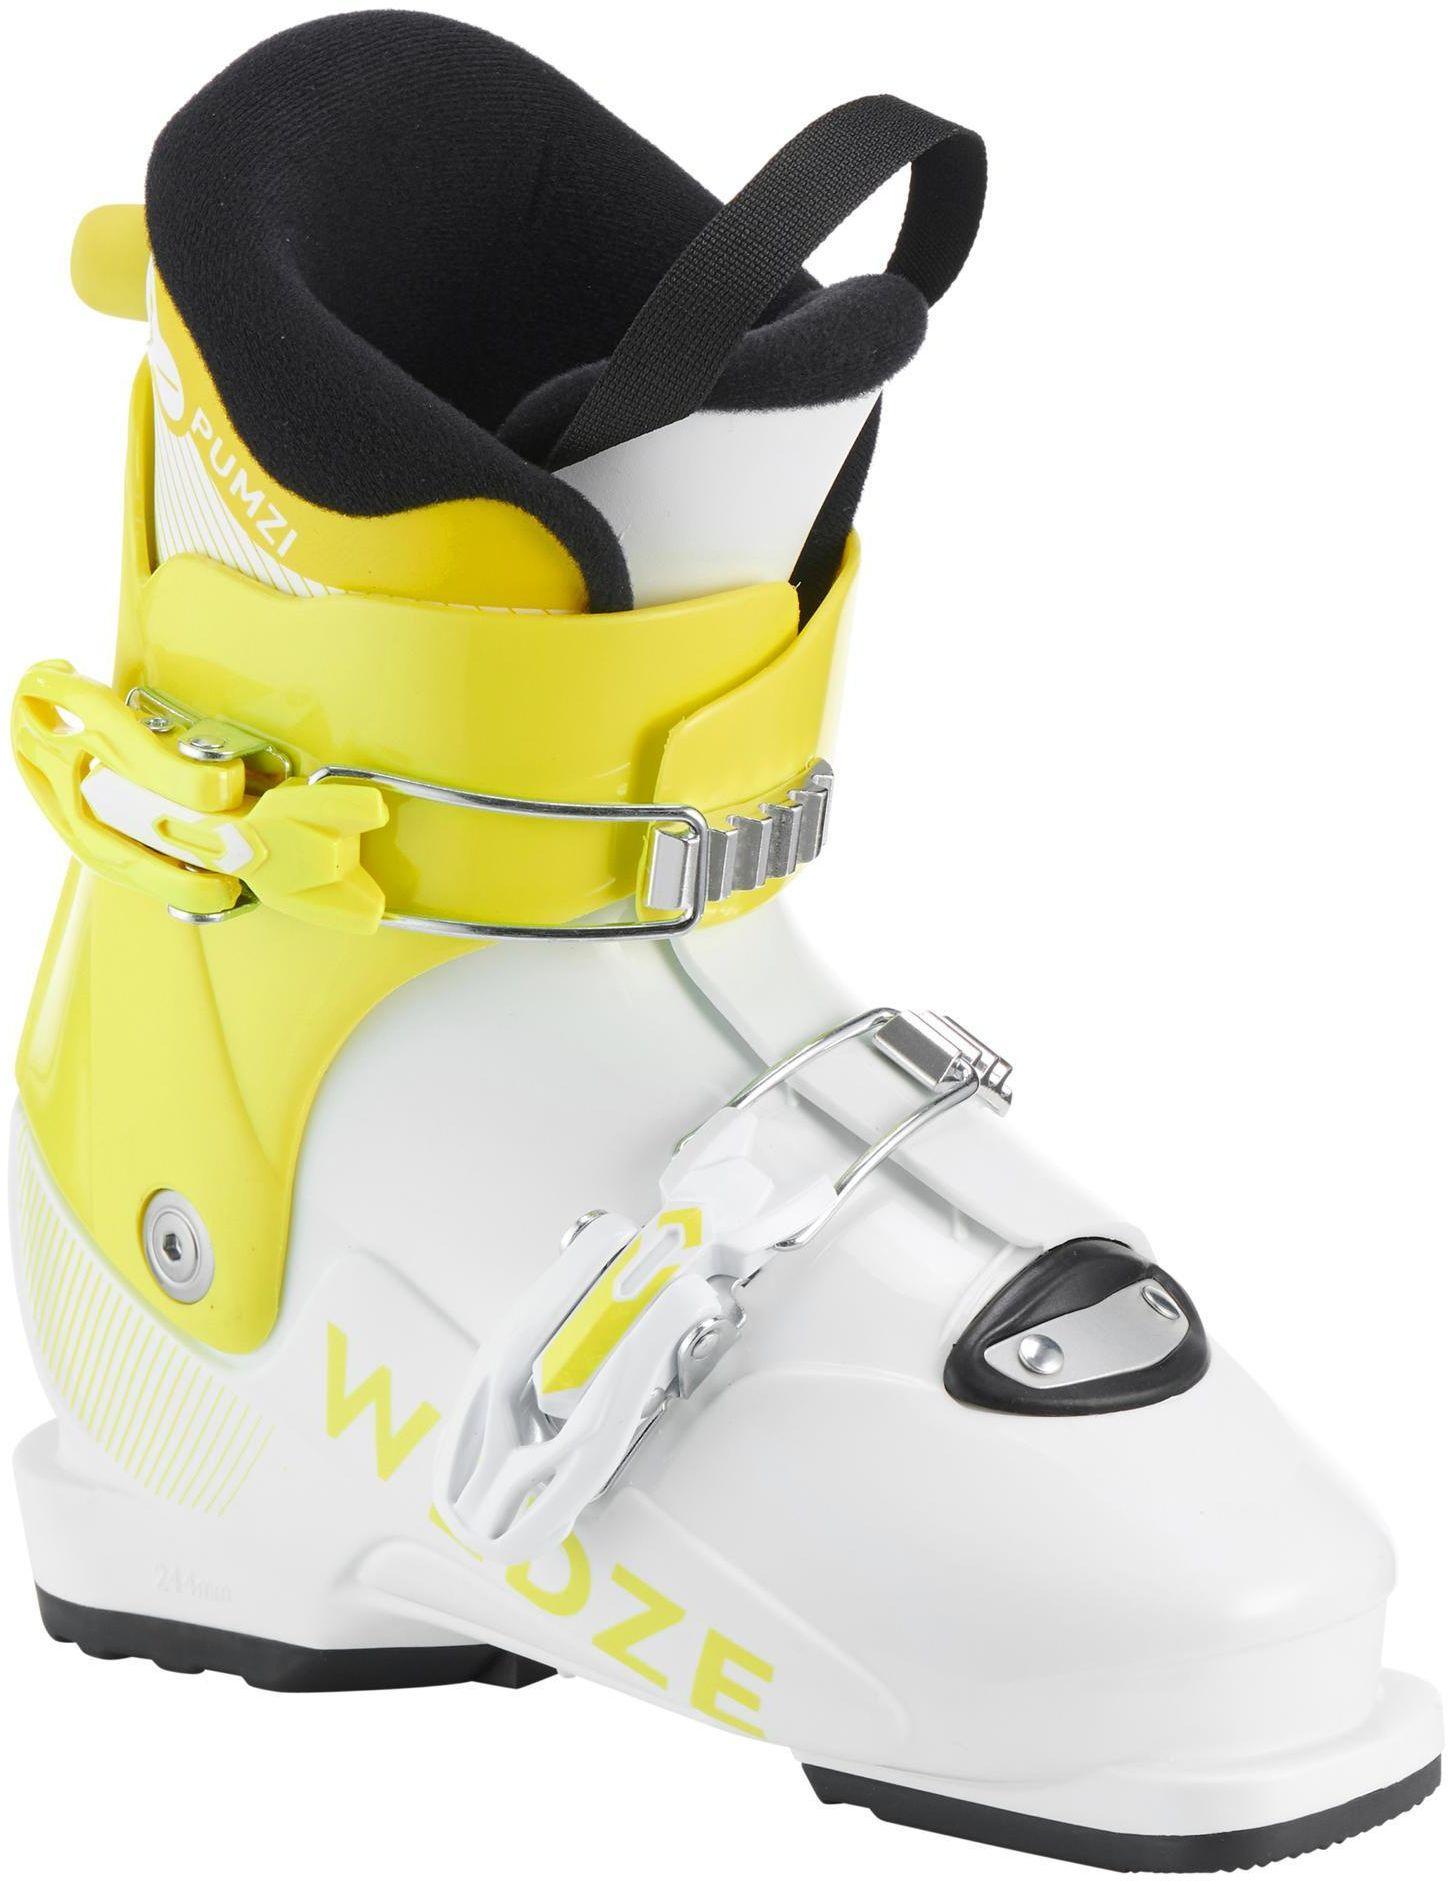 Buty narciarskie dla dzieci Wedze PUMZI 500 flex 40